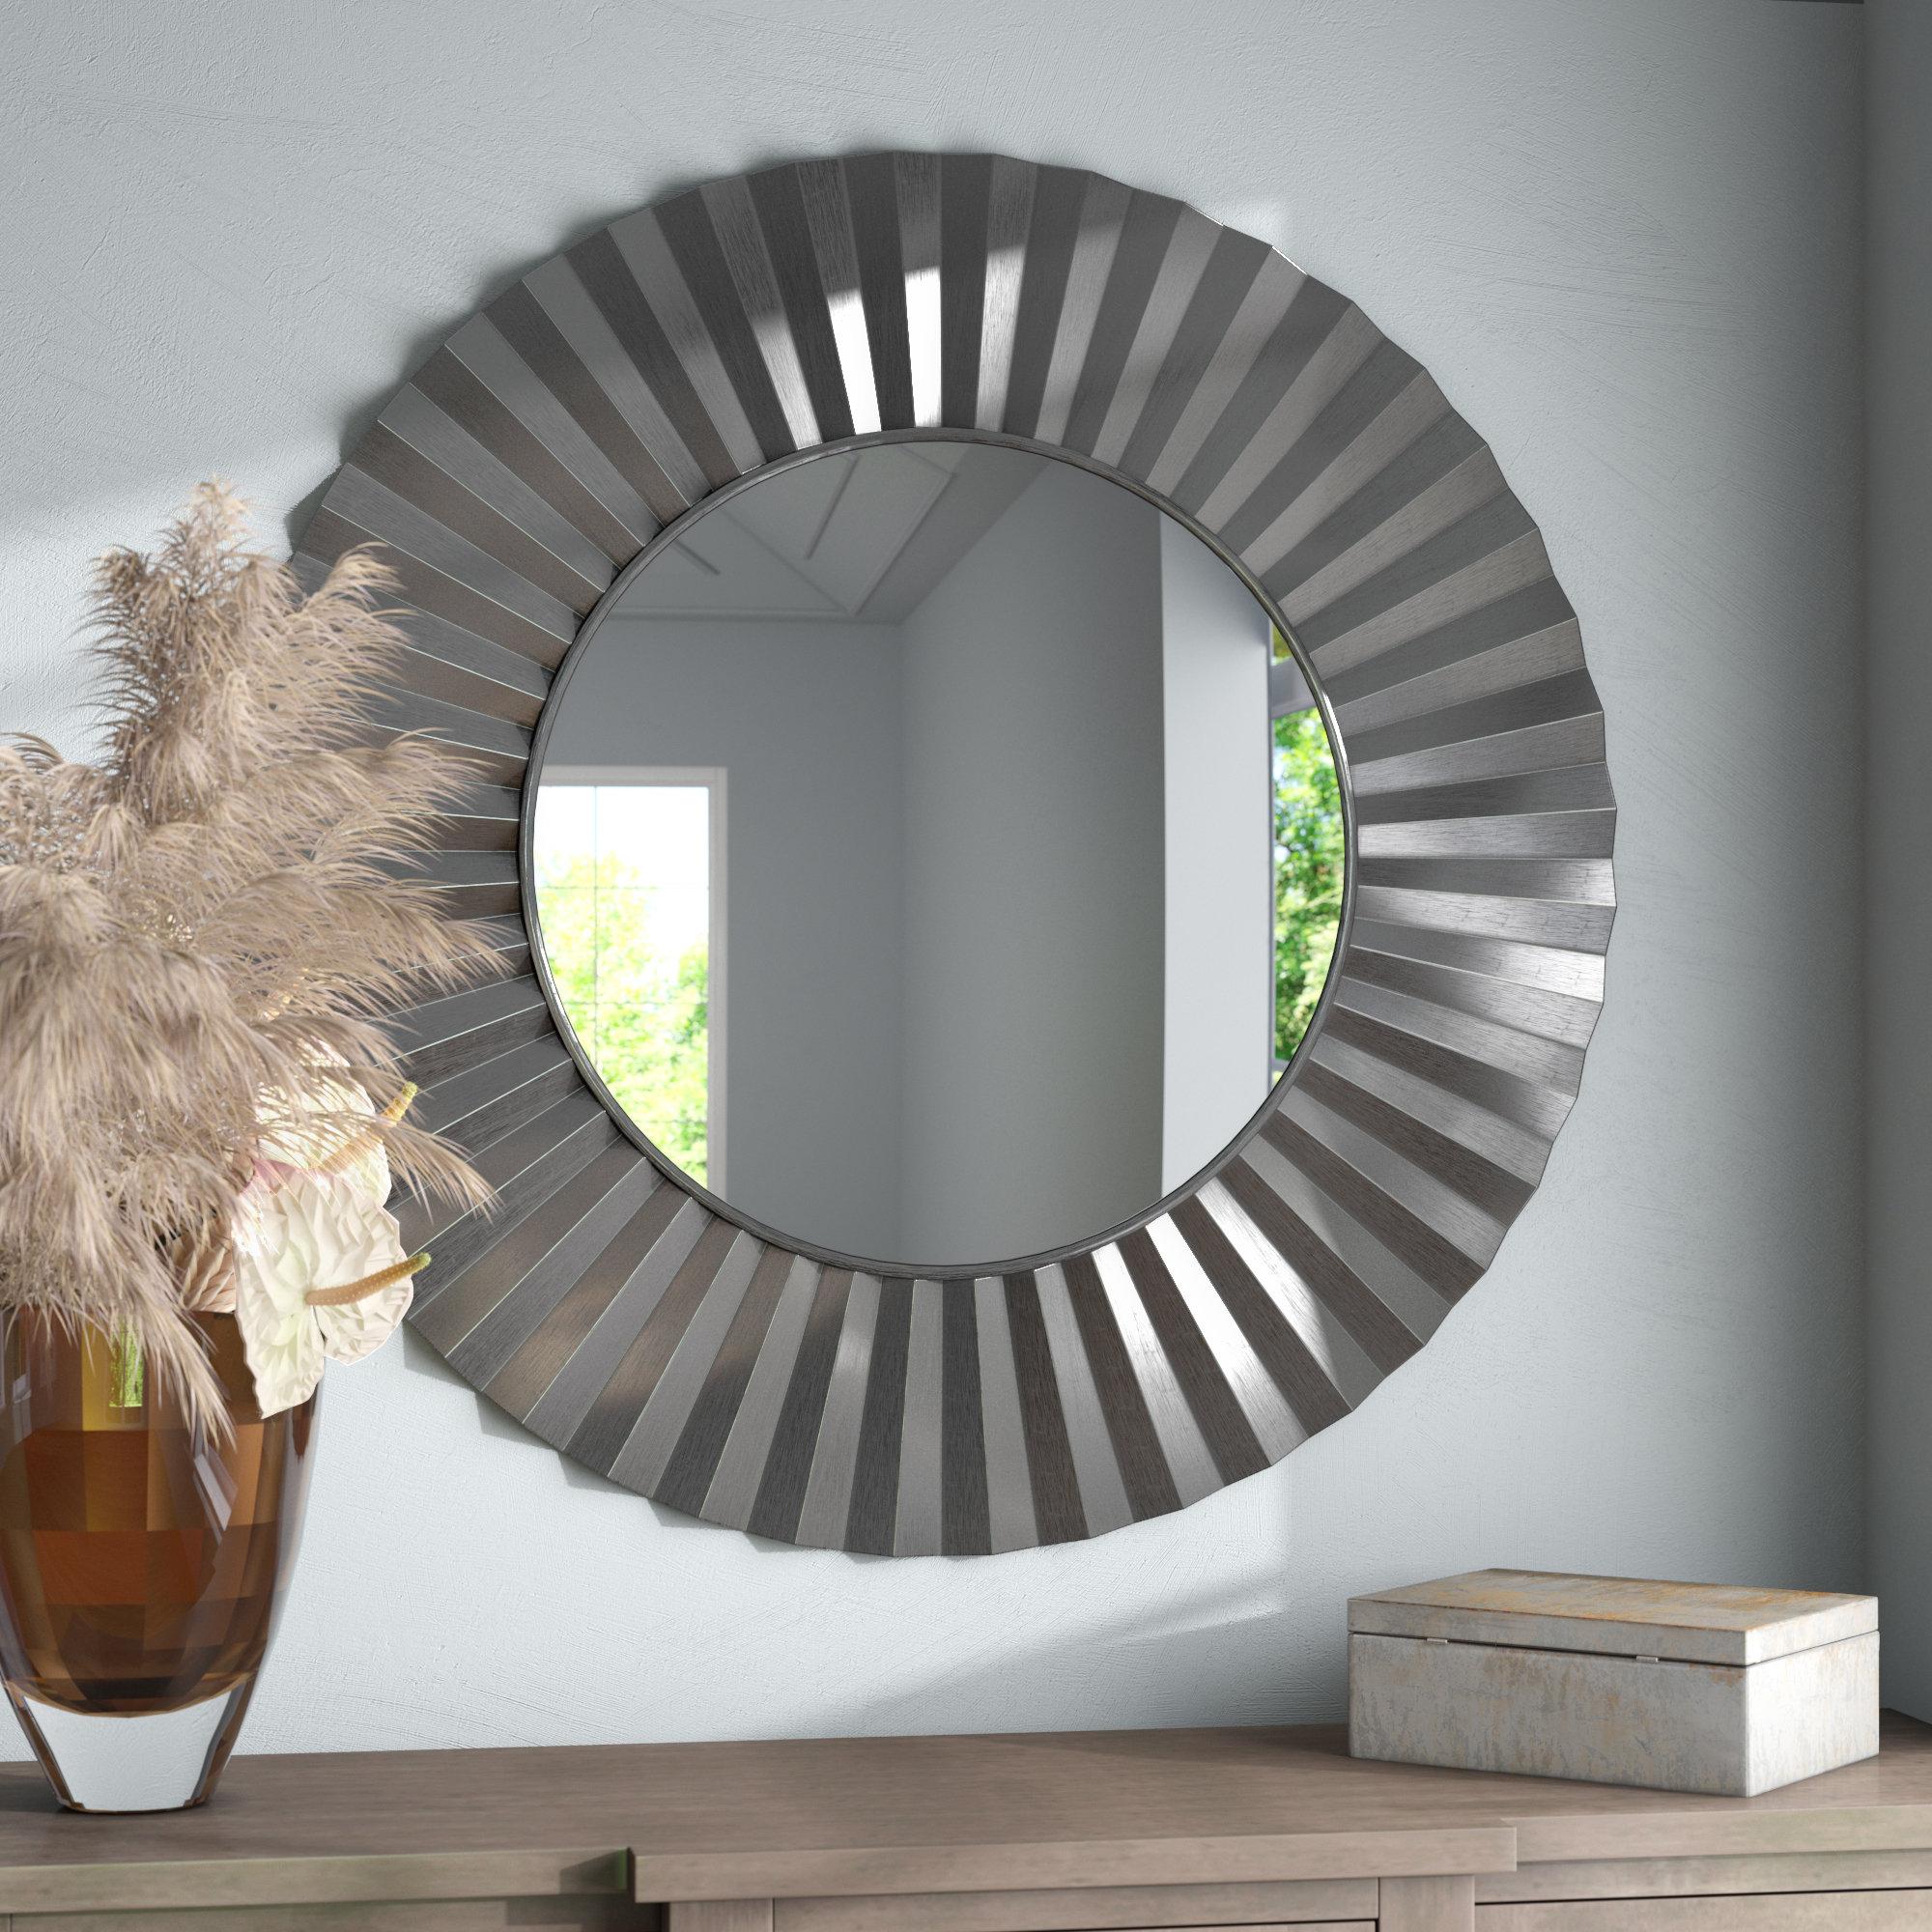 Star Burst Mirror | Wayfair For Deniece Sunburst Round Wall Mirrors (Image 11 of 20)